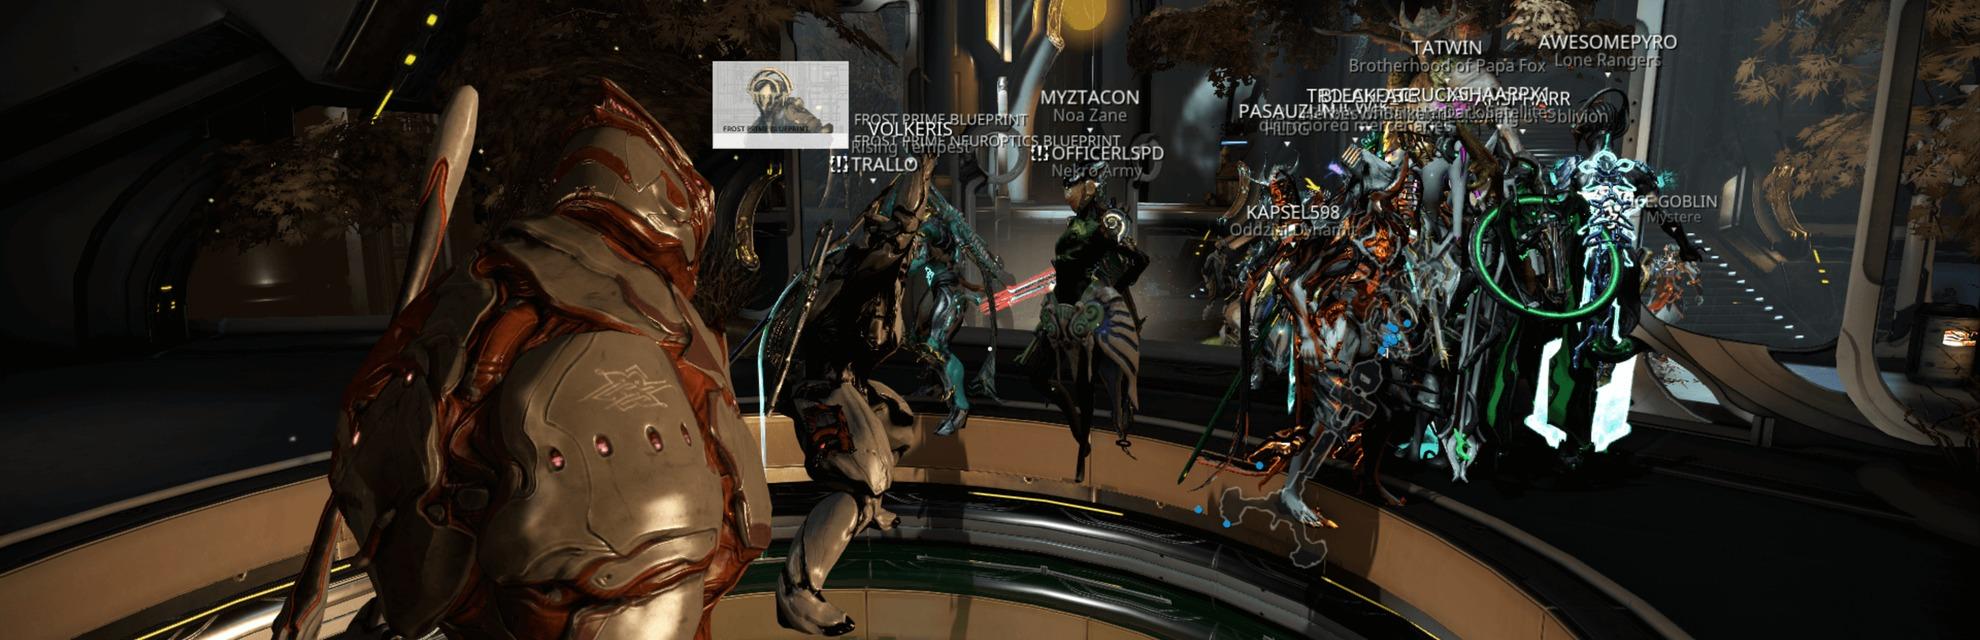 Wraithkal blog header photo